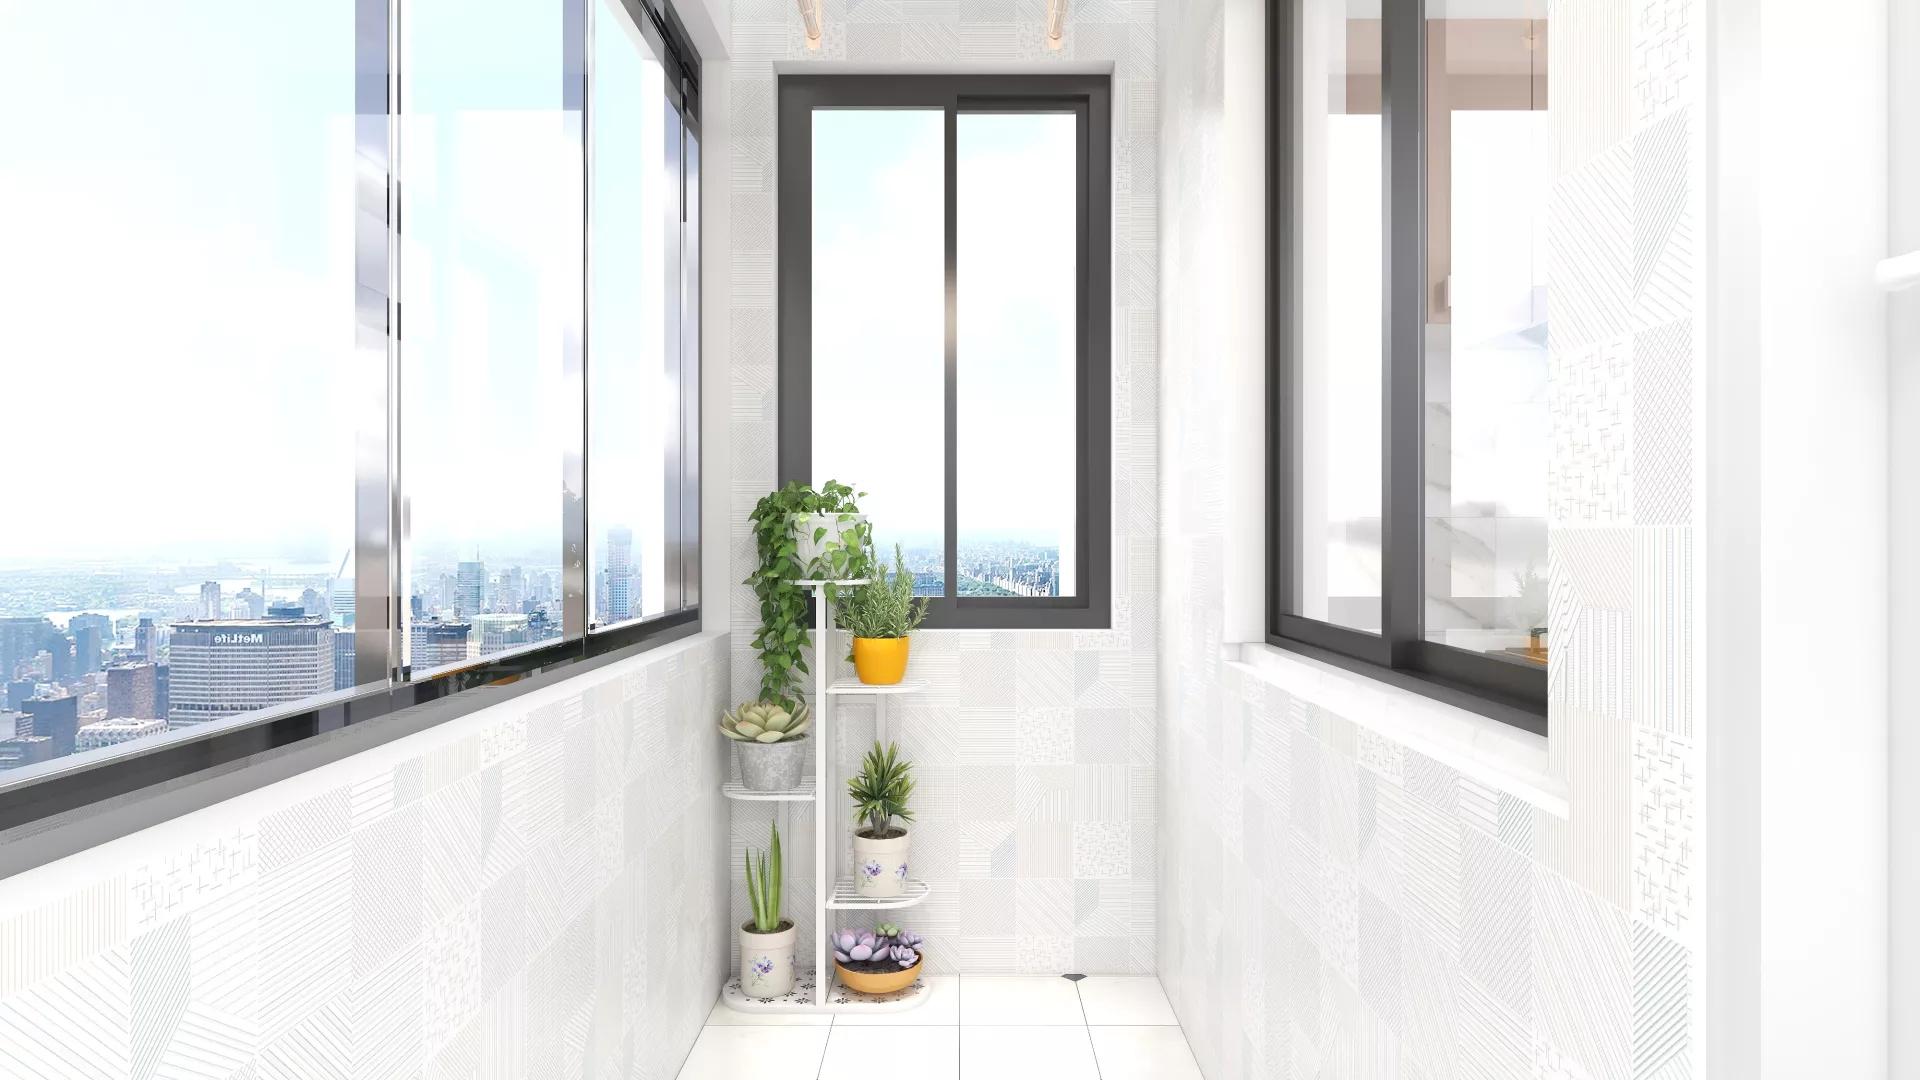 客厅墙布颜色怎么搭配?客厅墙布颜色搭配技巧